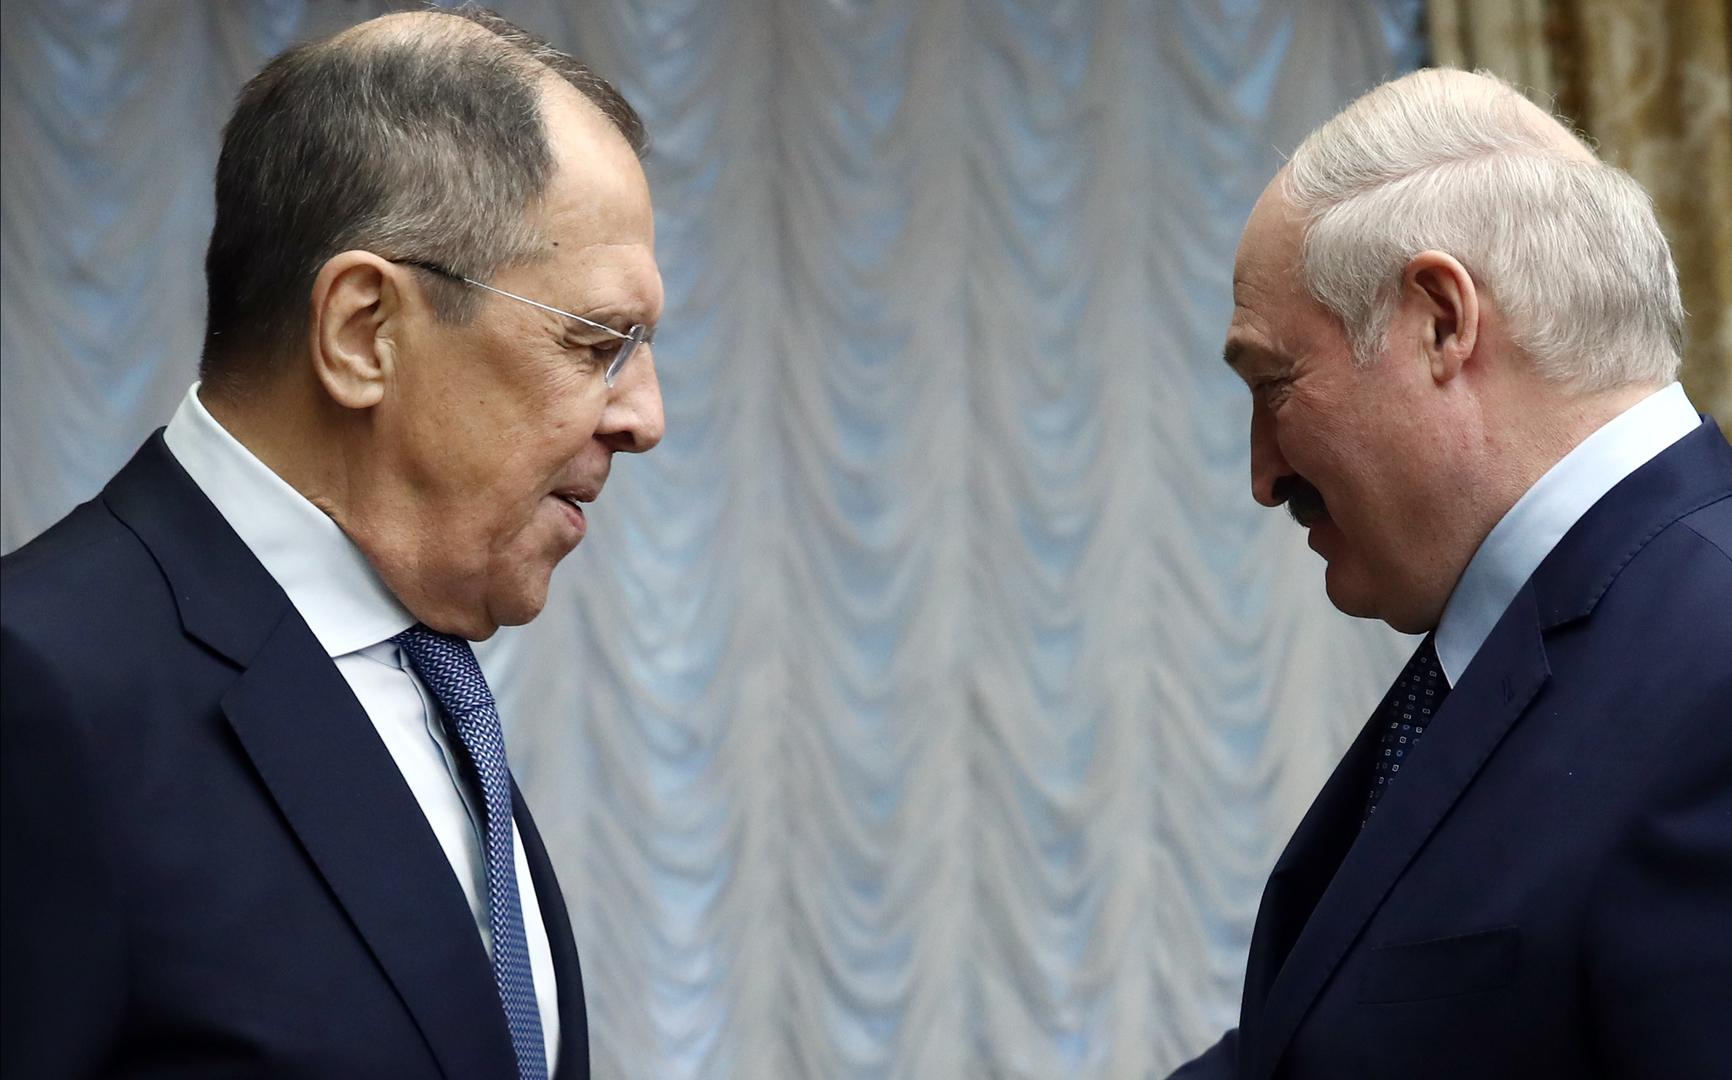 الرئيس البيلاروسي ألكسندر لوكاشينكو يستقبل وزير الخارجية الروسي سيرغي لافروف